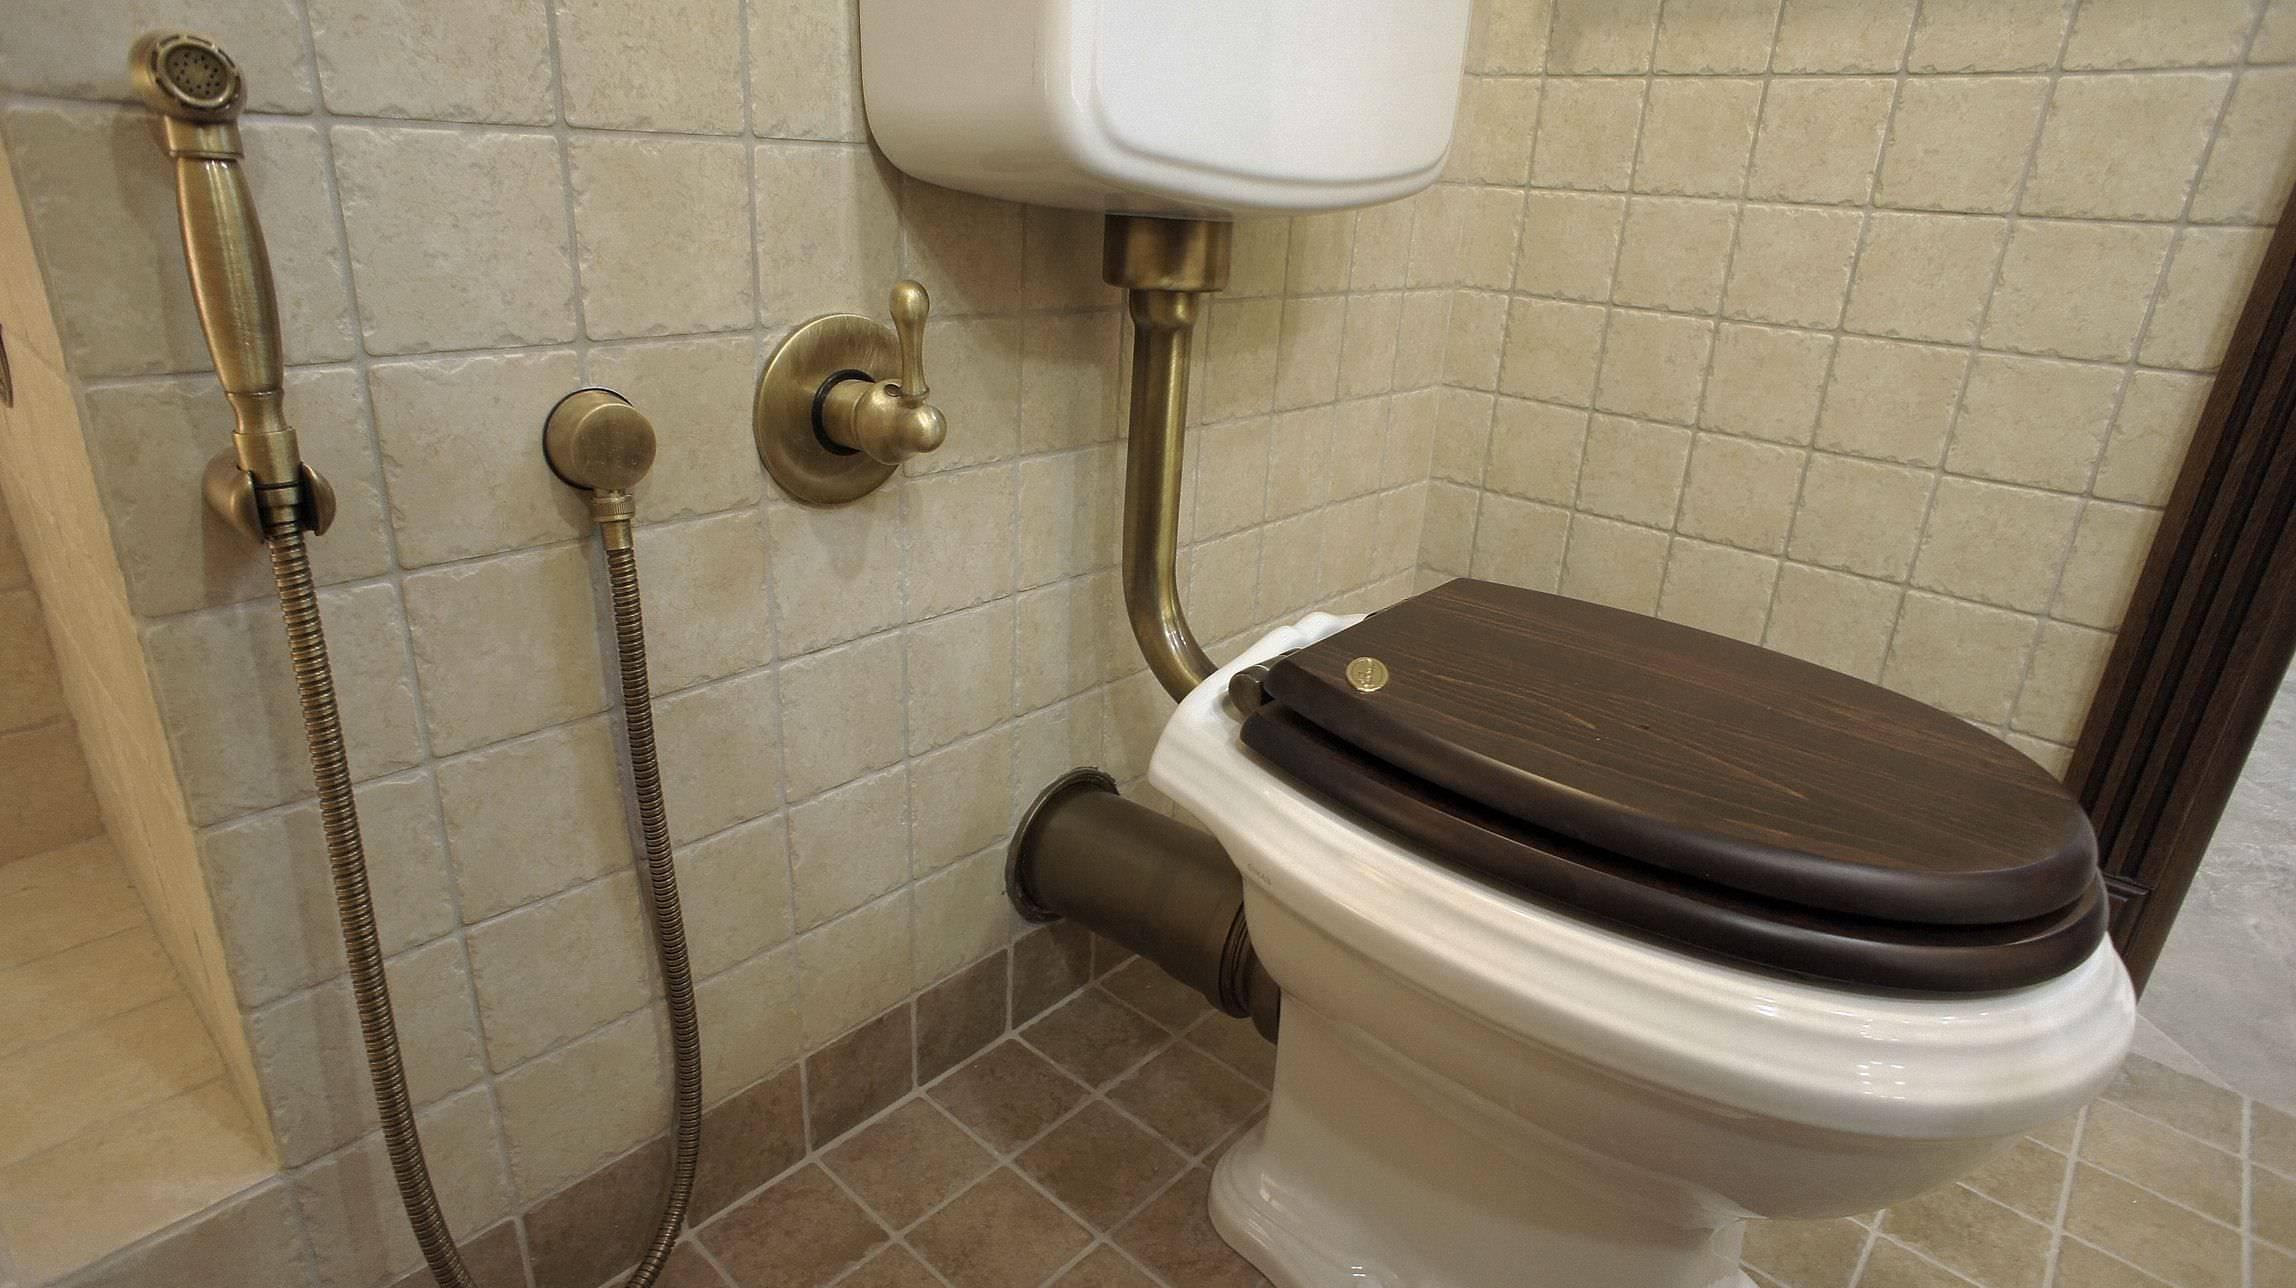 Гигиенический душ для унитаза: обзор разновидностей и правила установки